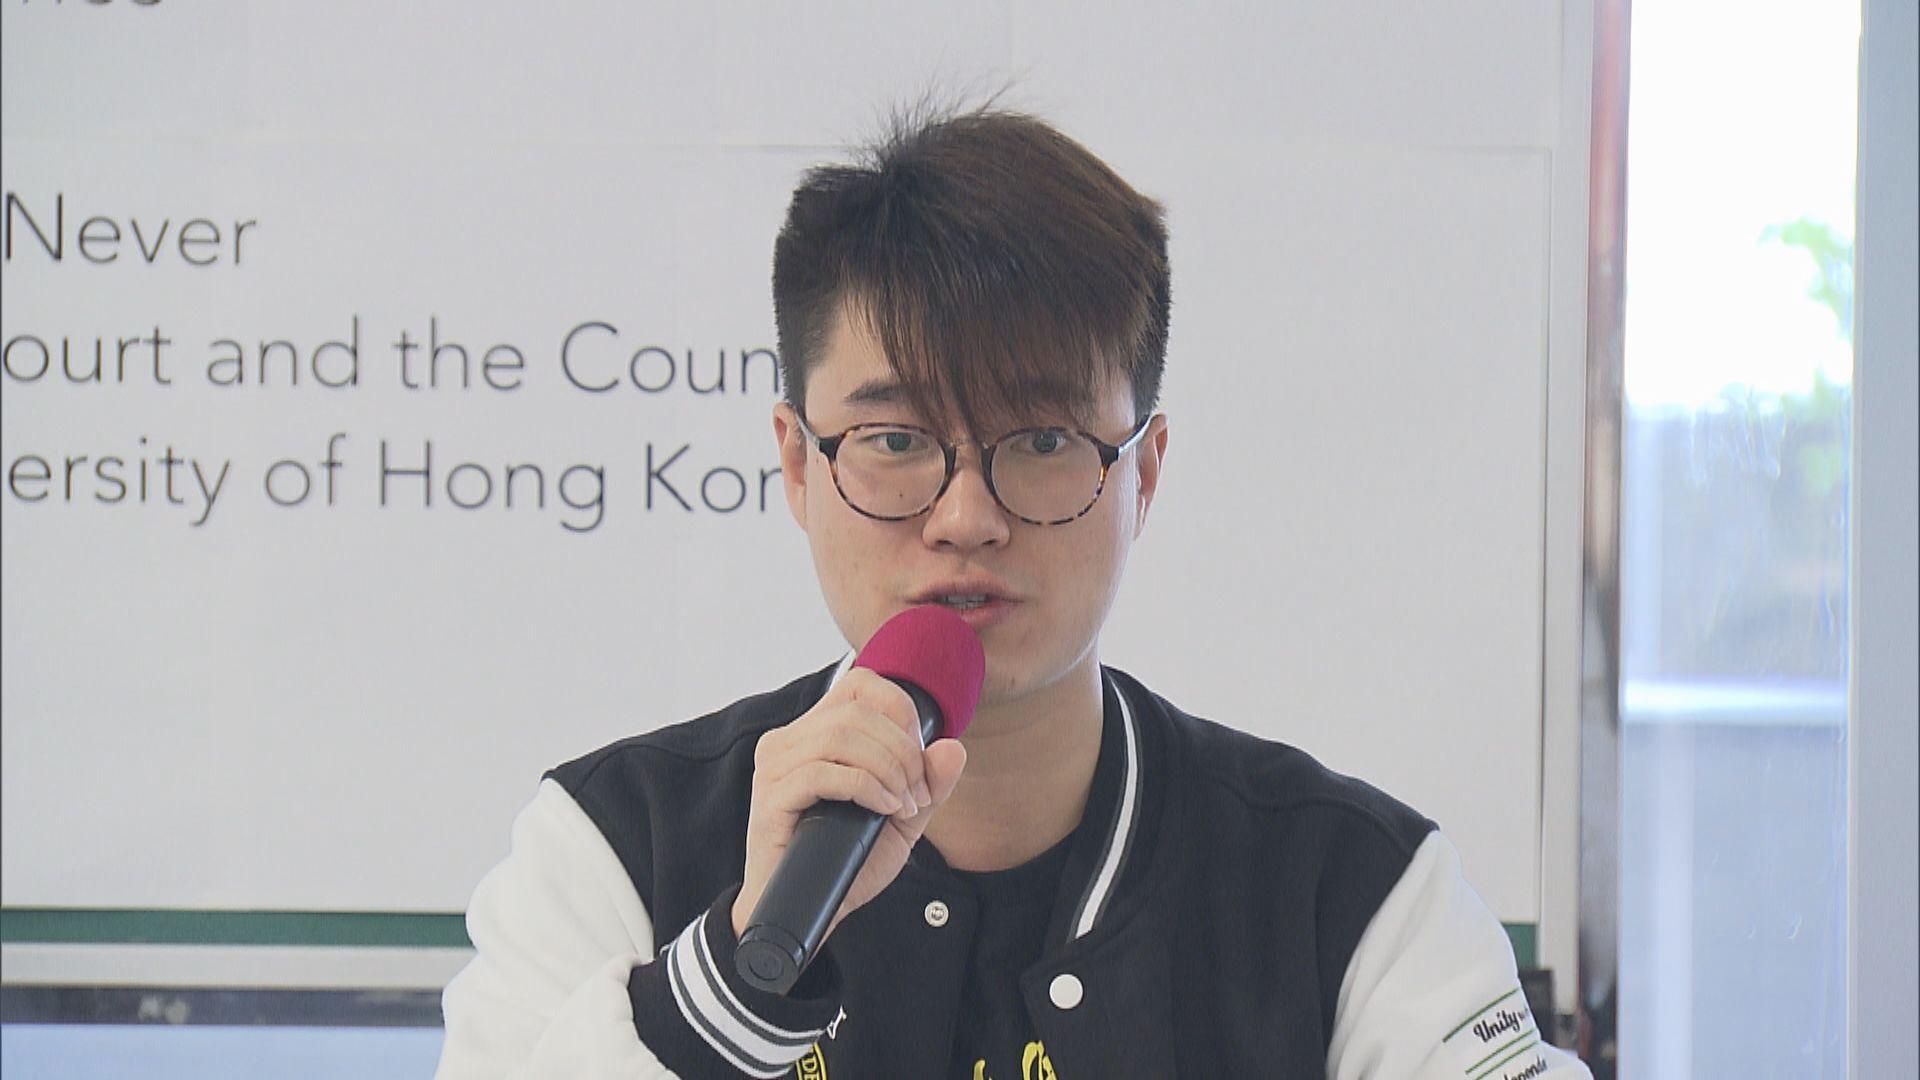 港大學生會等批評林鄭月娥不尊重師生意見